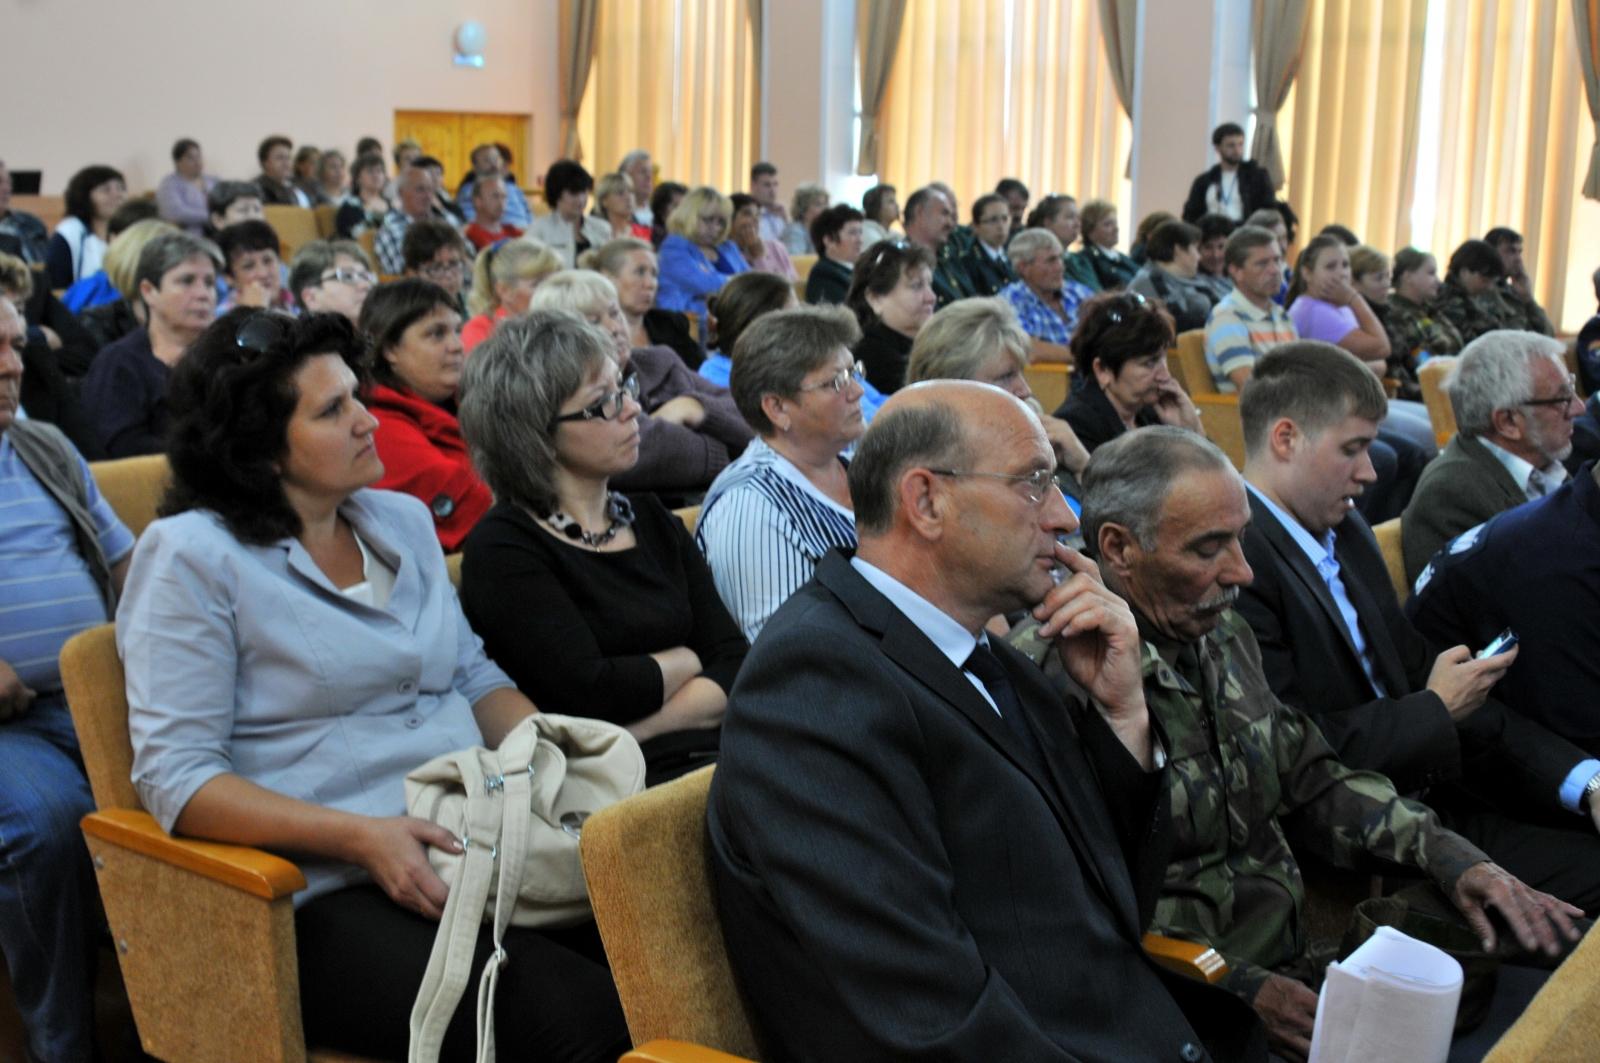 Показательное занятие в рамках «Месячника безопасности» в Шиловком районе